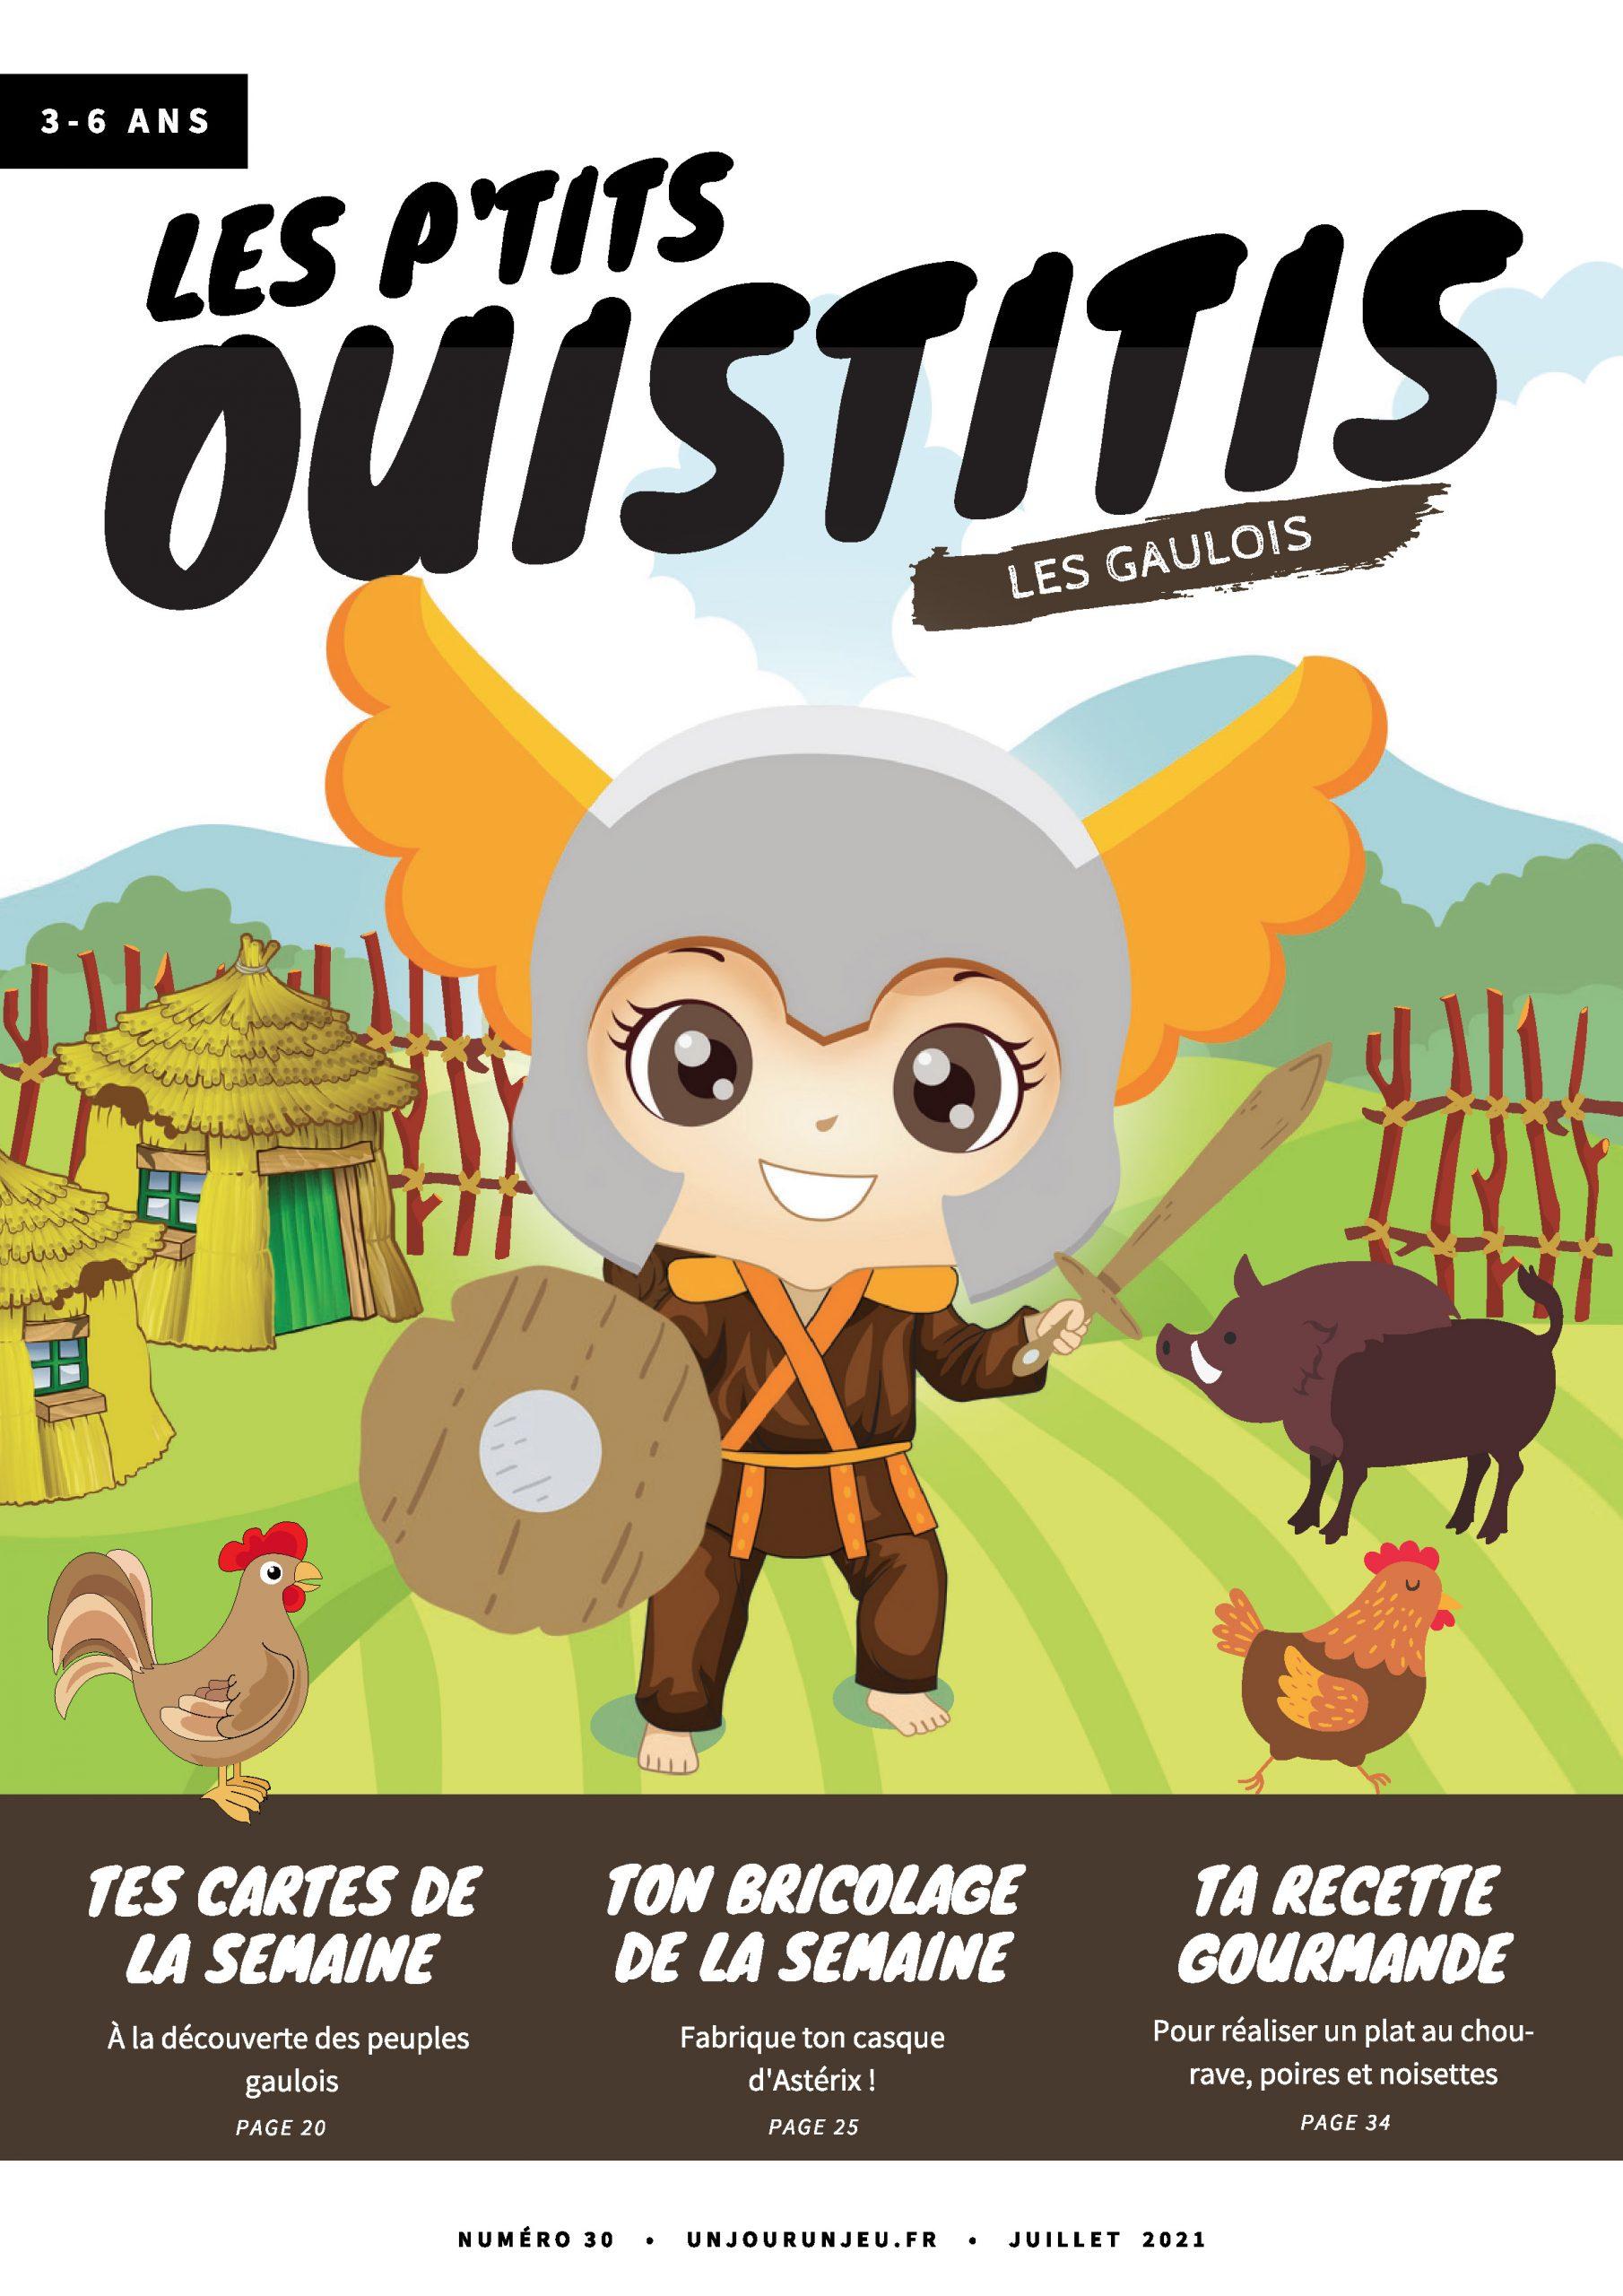 Les P'tits Ouistitis et les gaulois